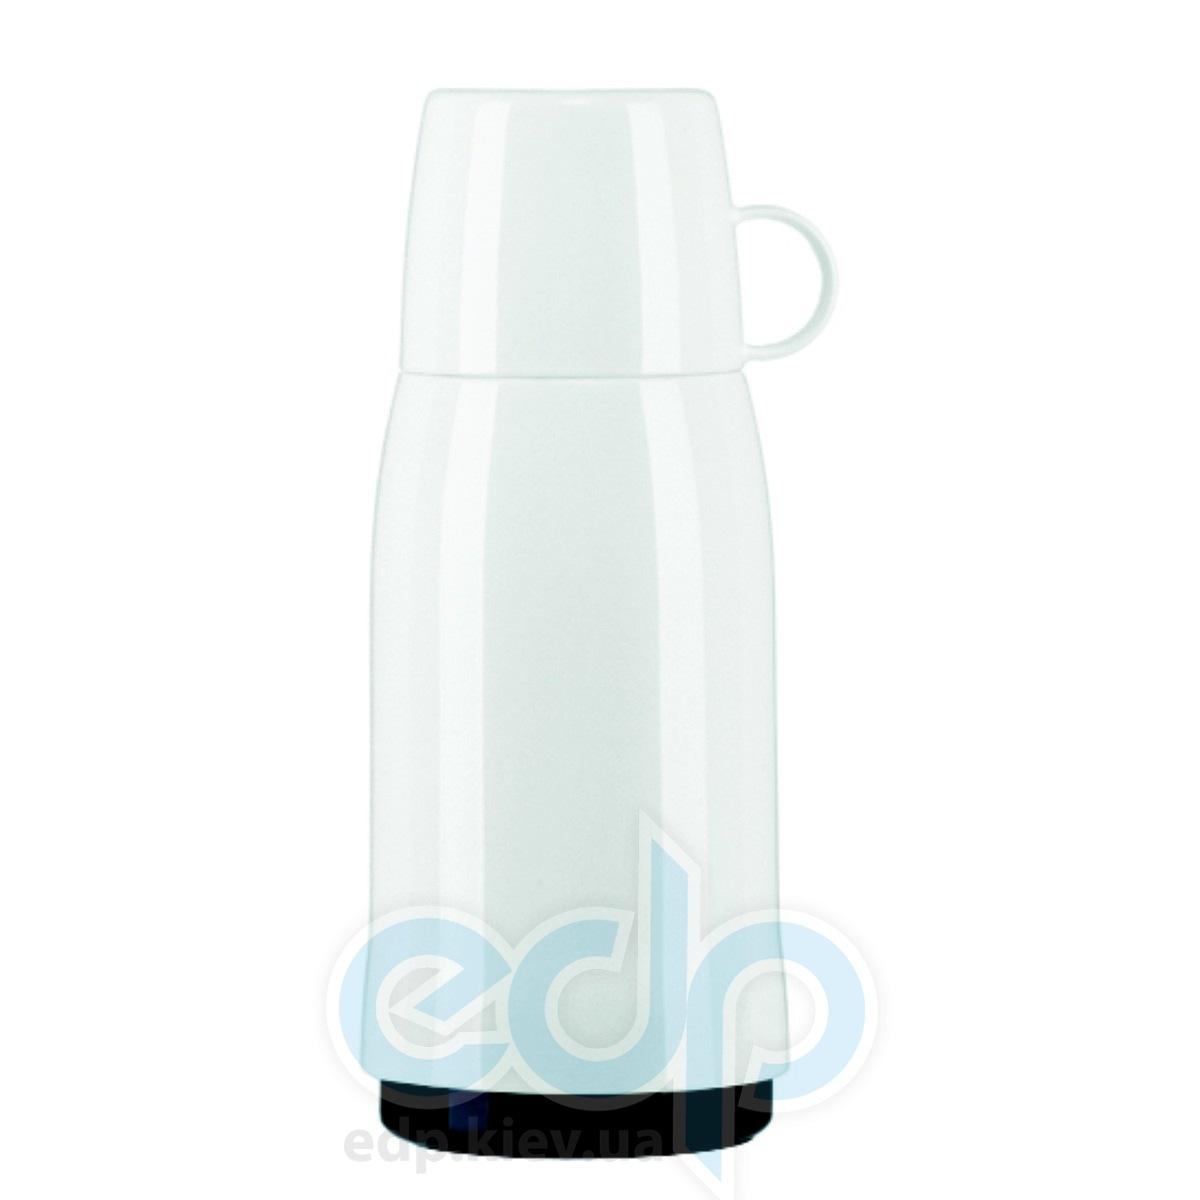 Emsa - Термос белый Rocket объем 1 л стеклянная колба (арт. 502449)